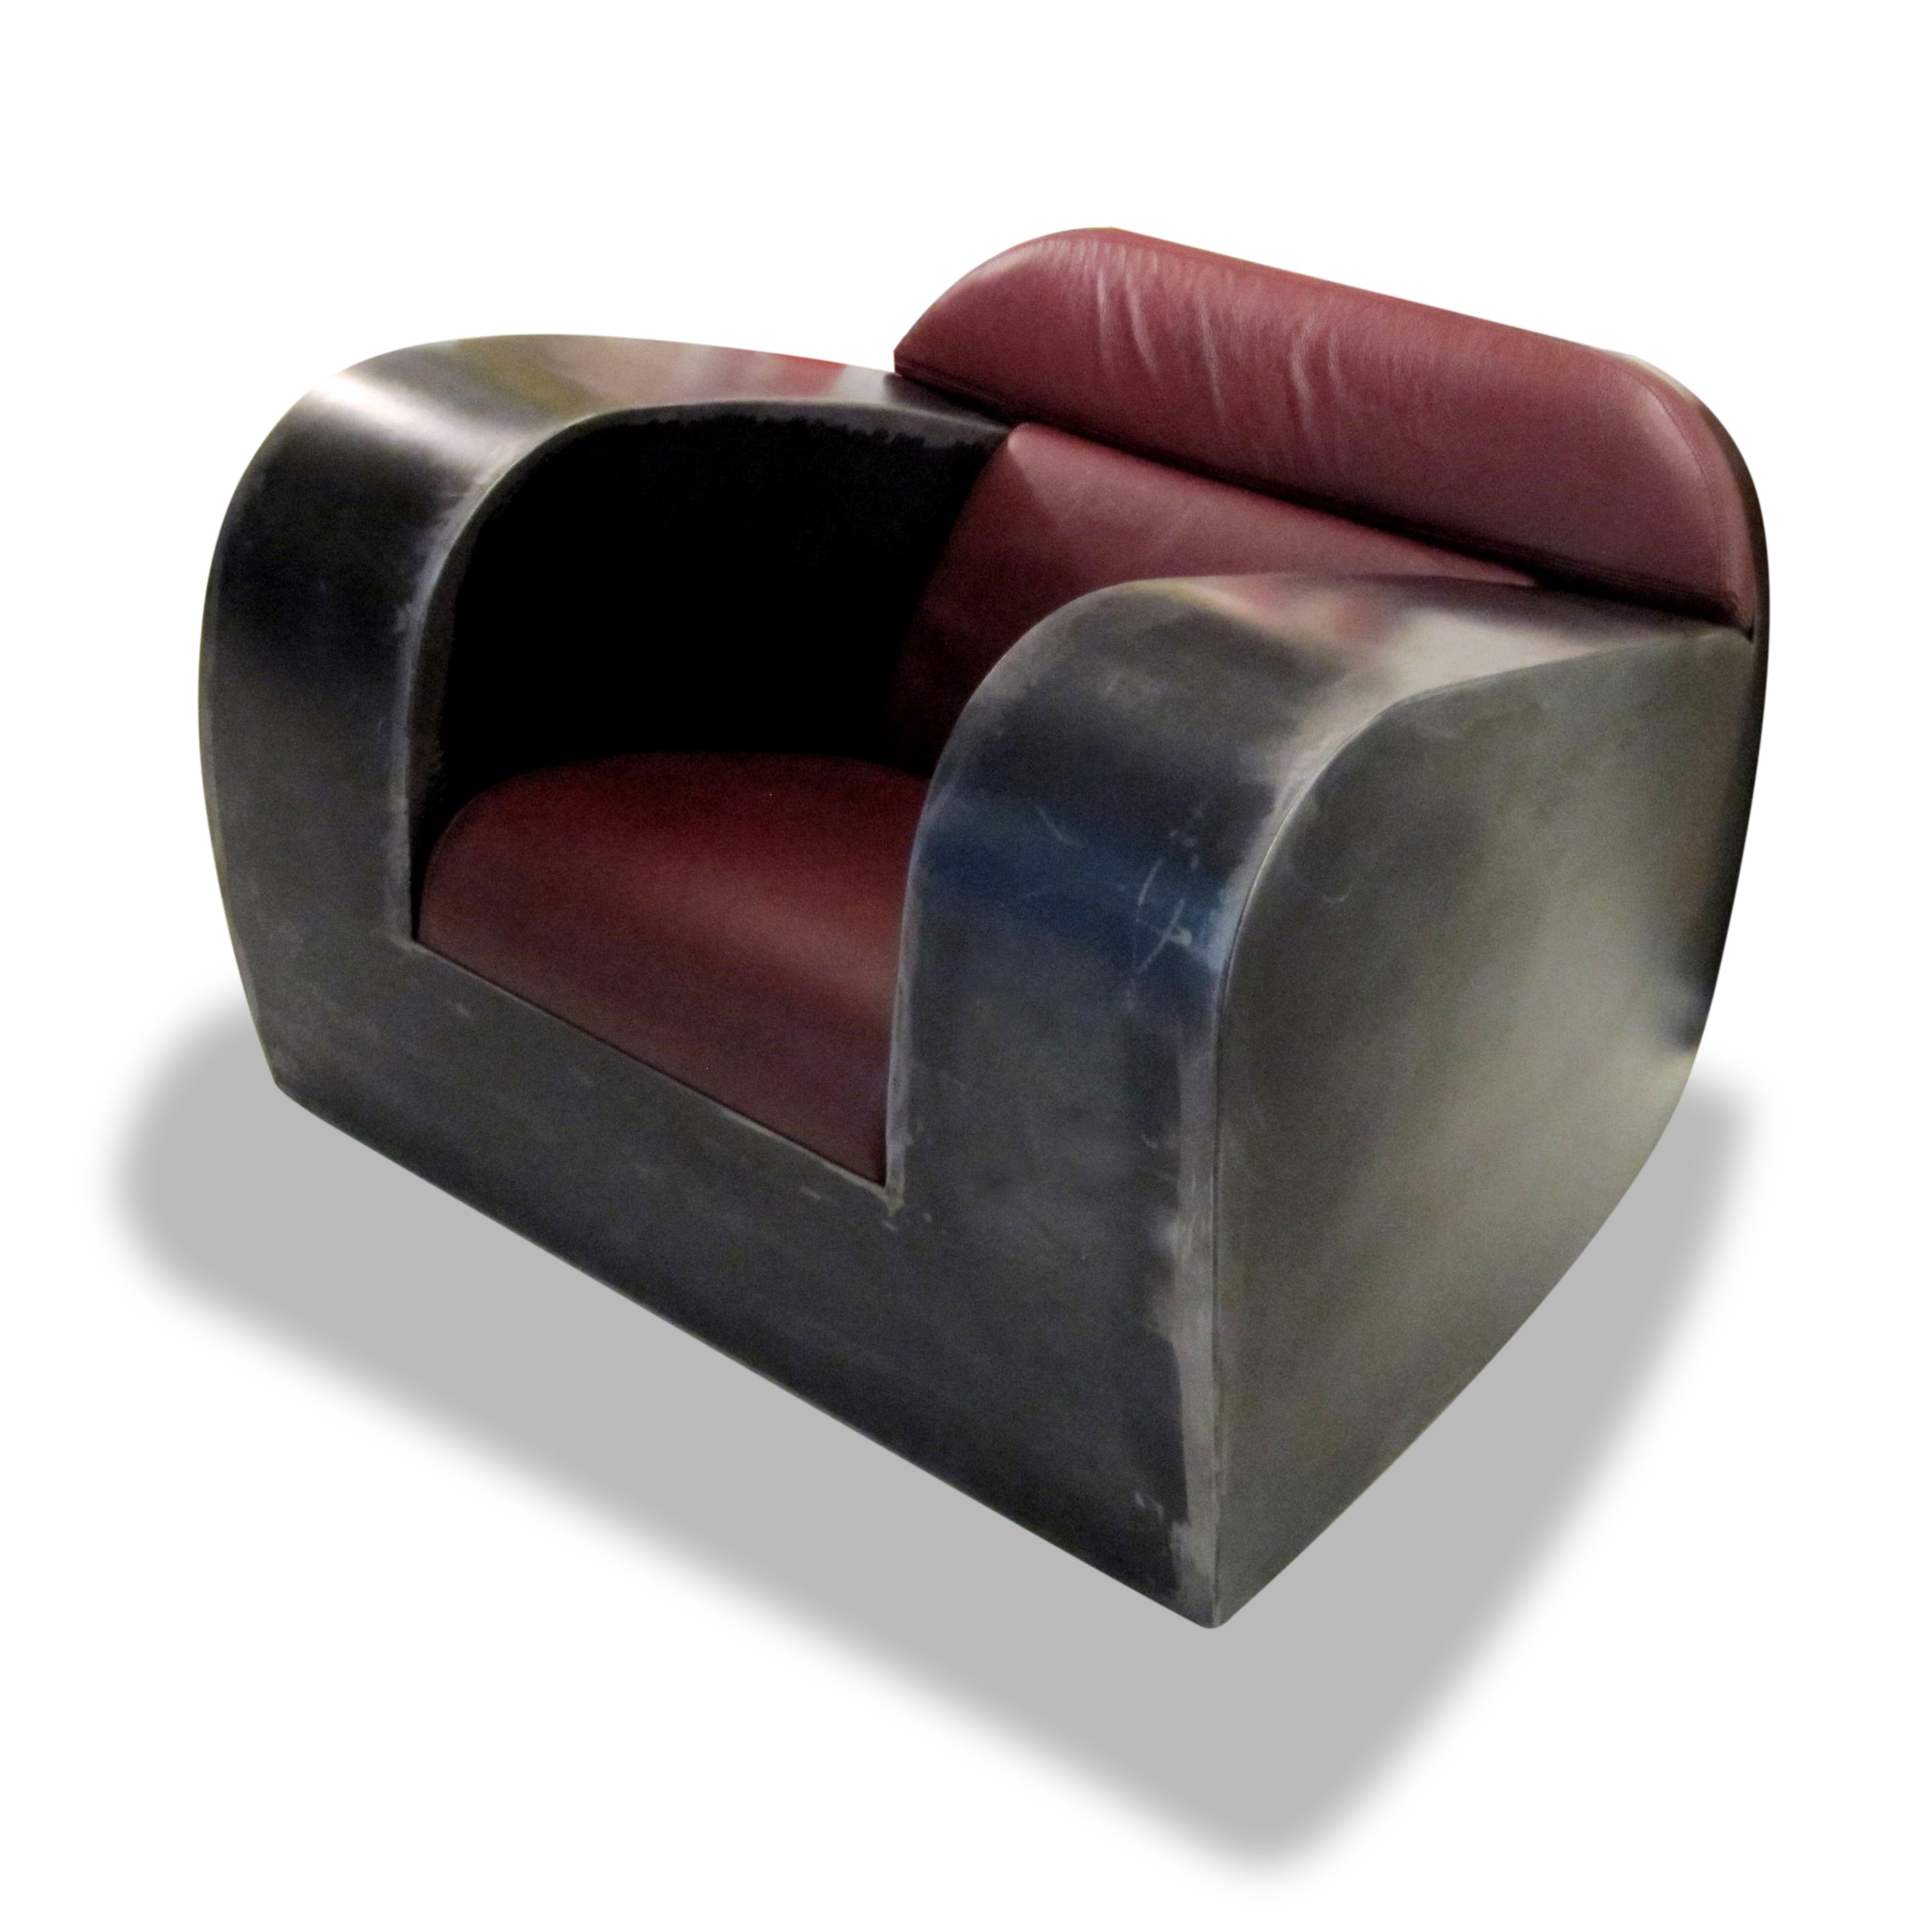 ici furniture. Ici Furniture